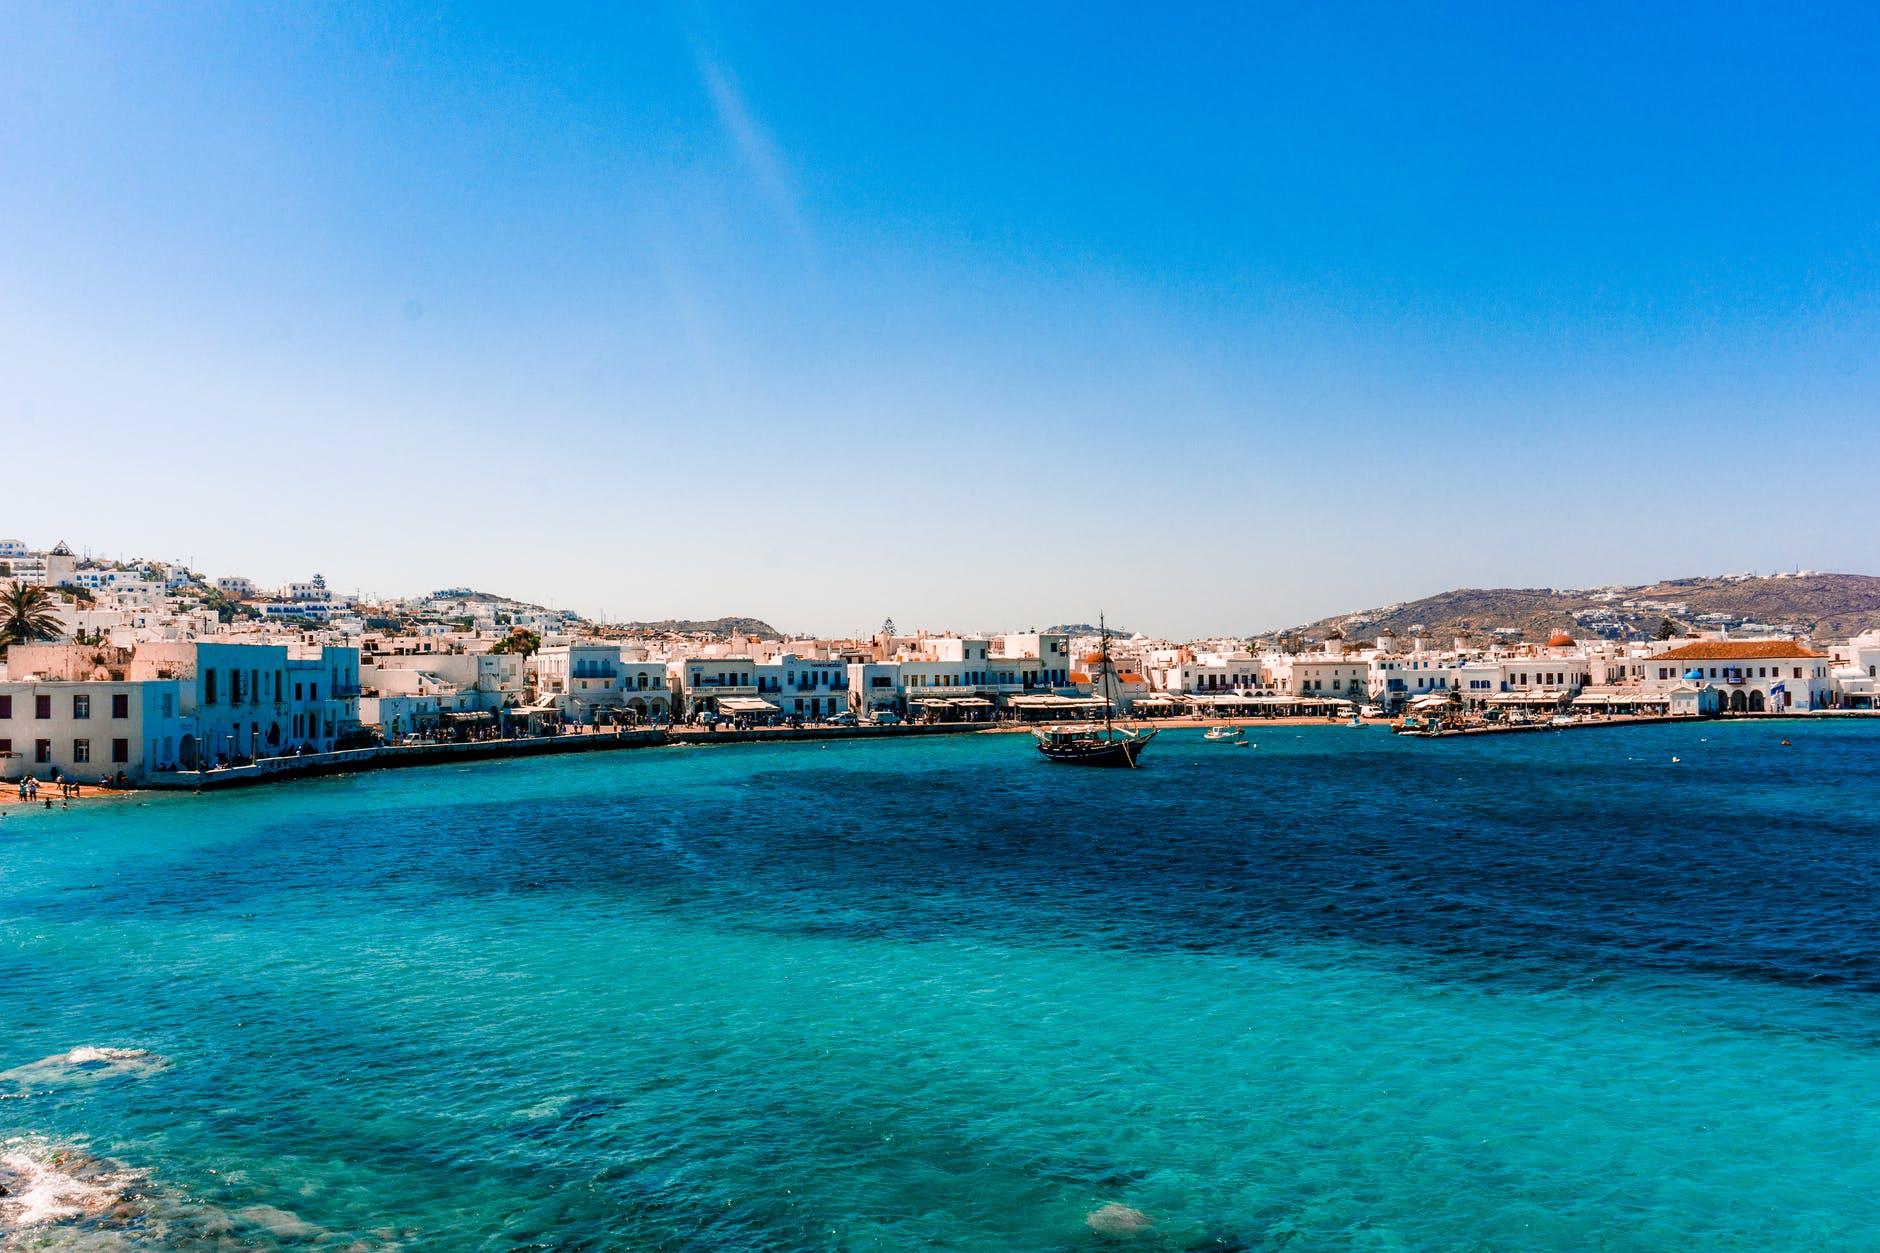 eau turquoise en Grèce, cyclades